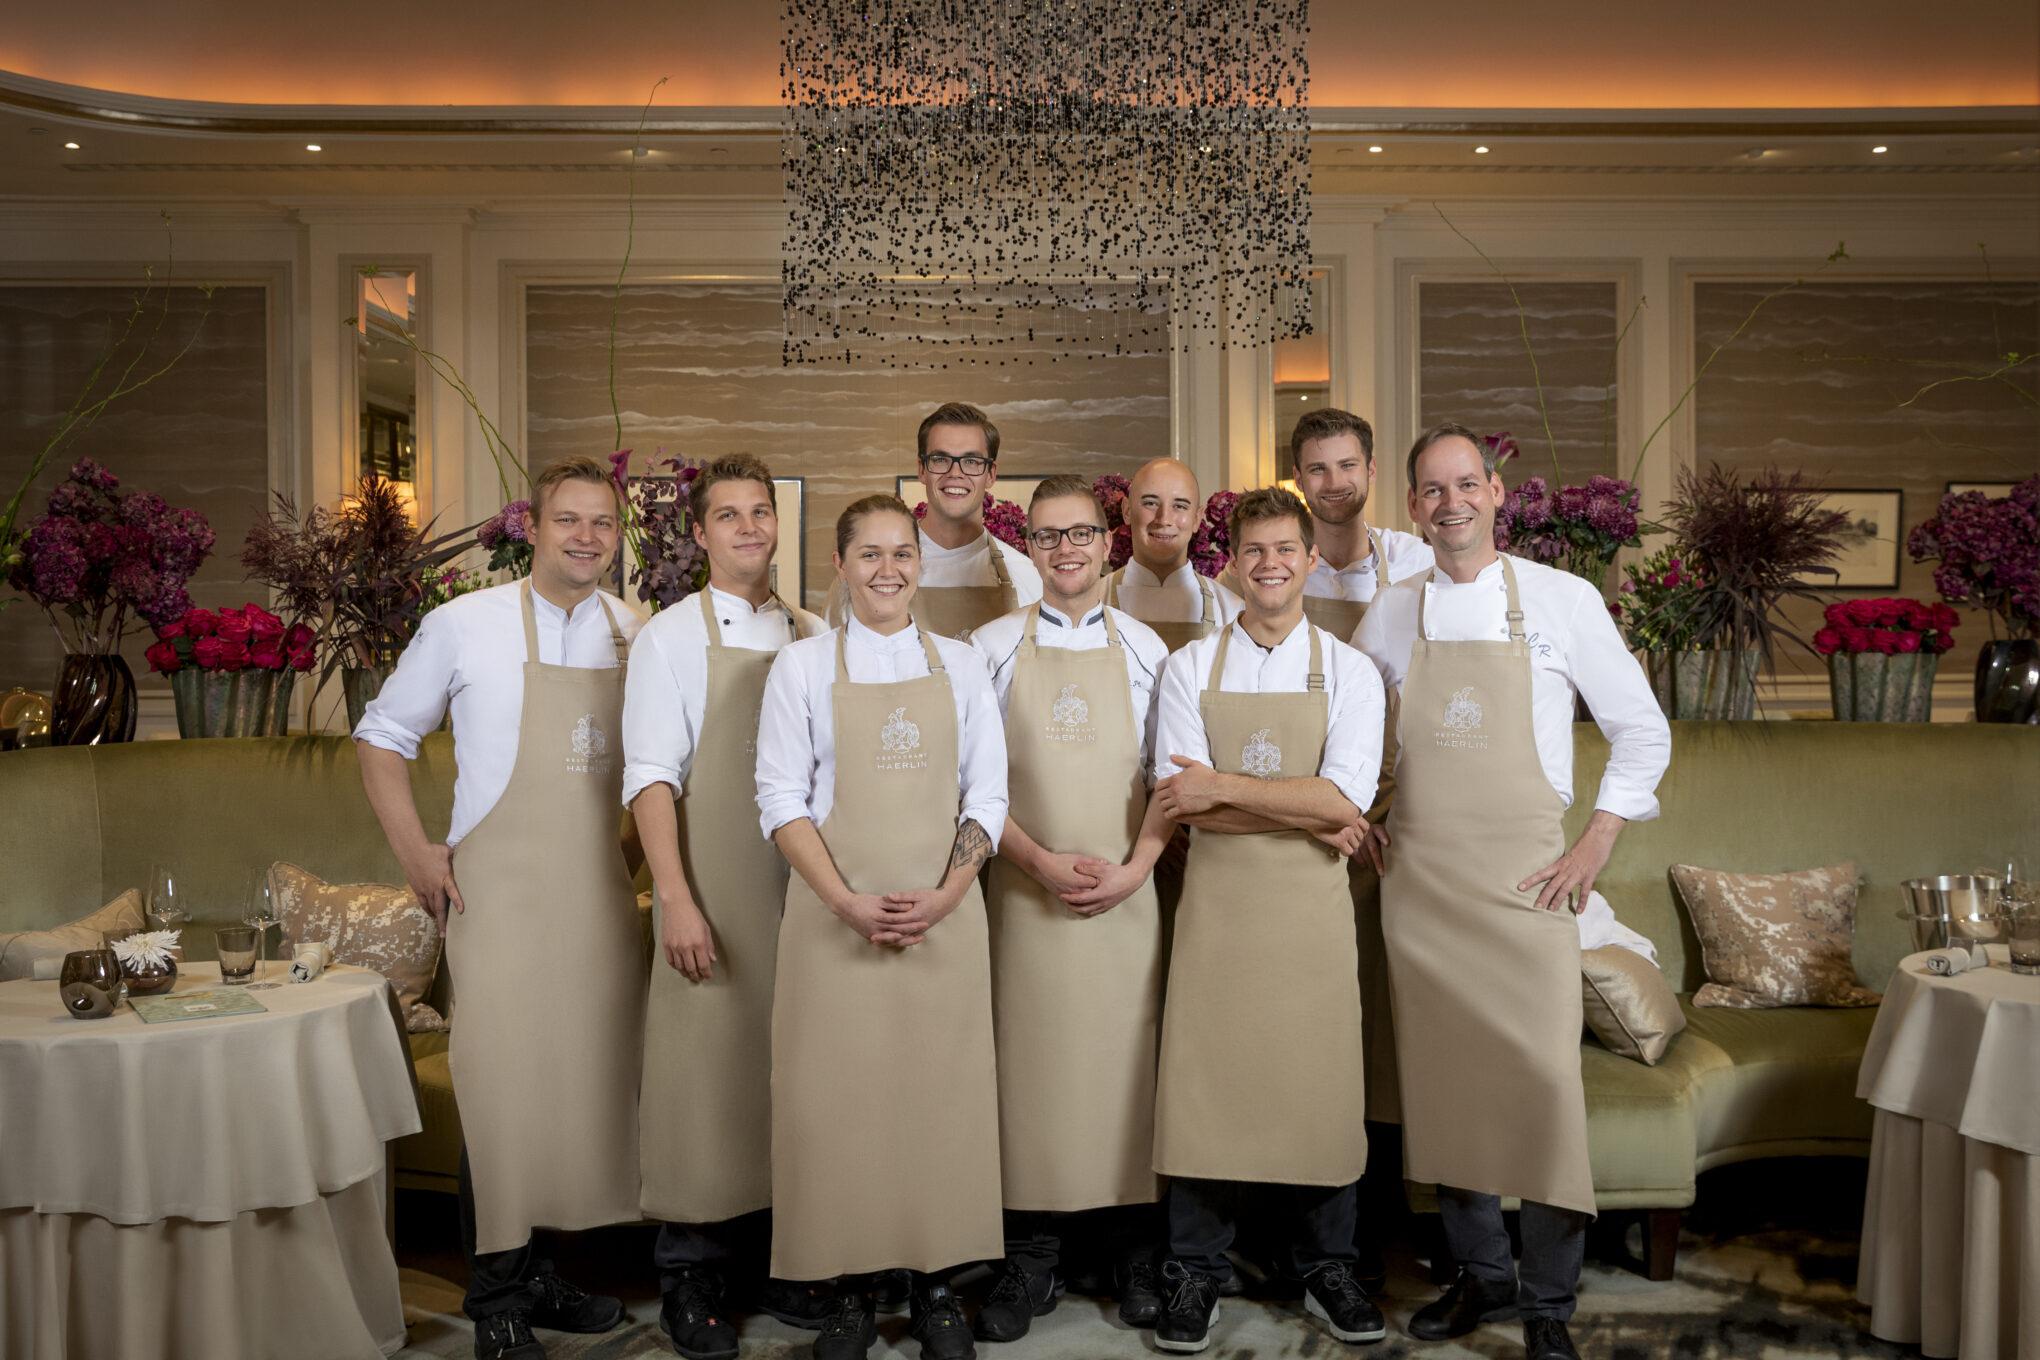 Fairmont Hotel Vier Jahreszeiten Haerlin Restaurant Team ©Kirchgasser Photography